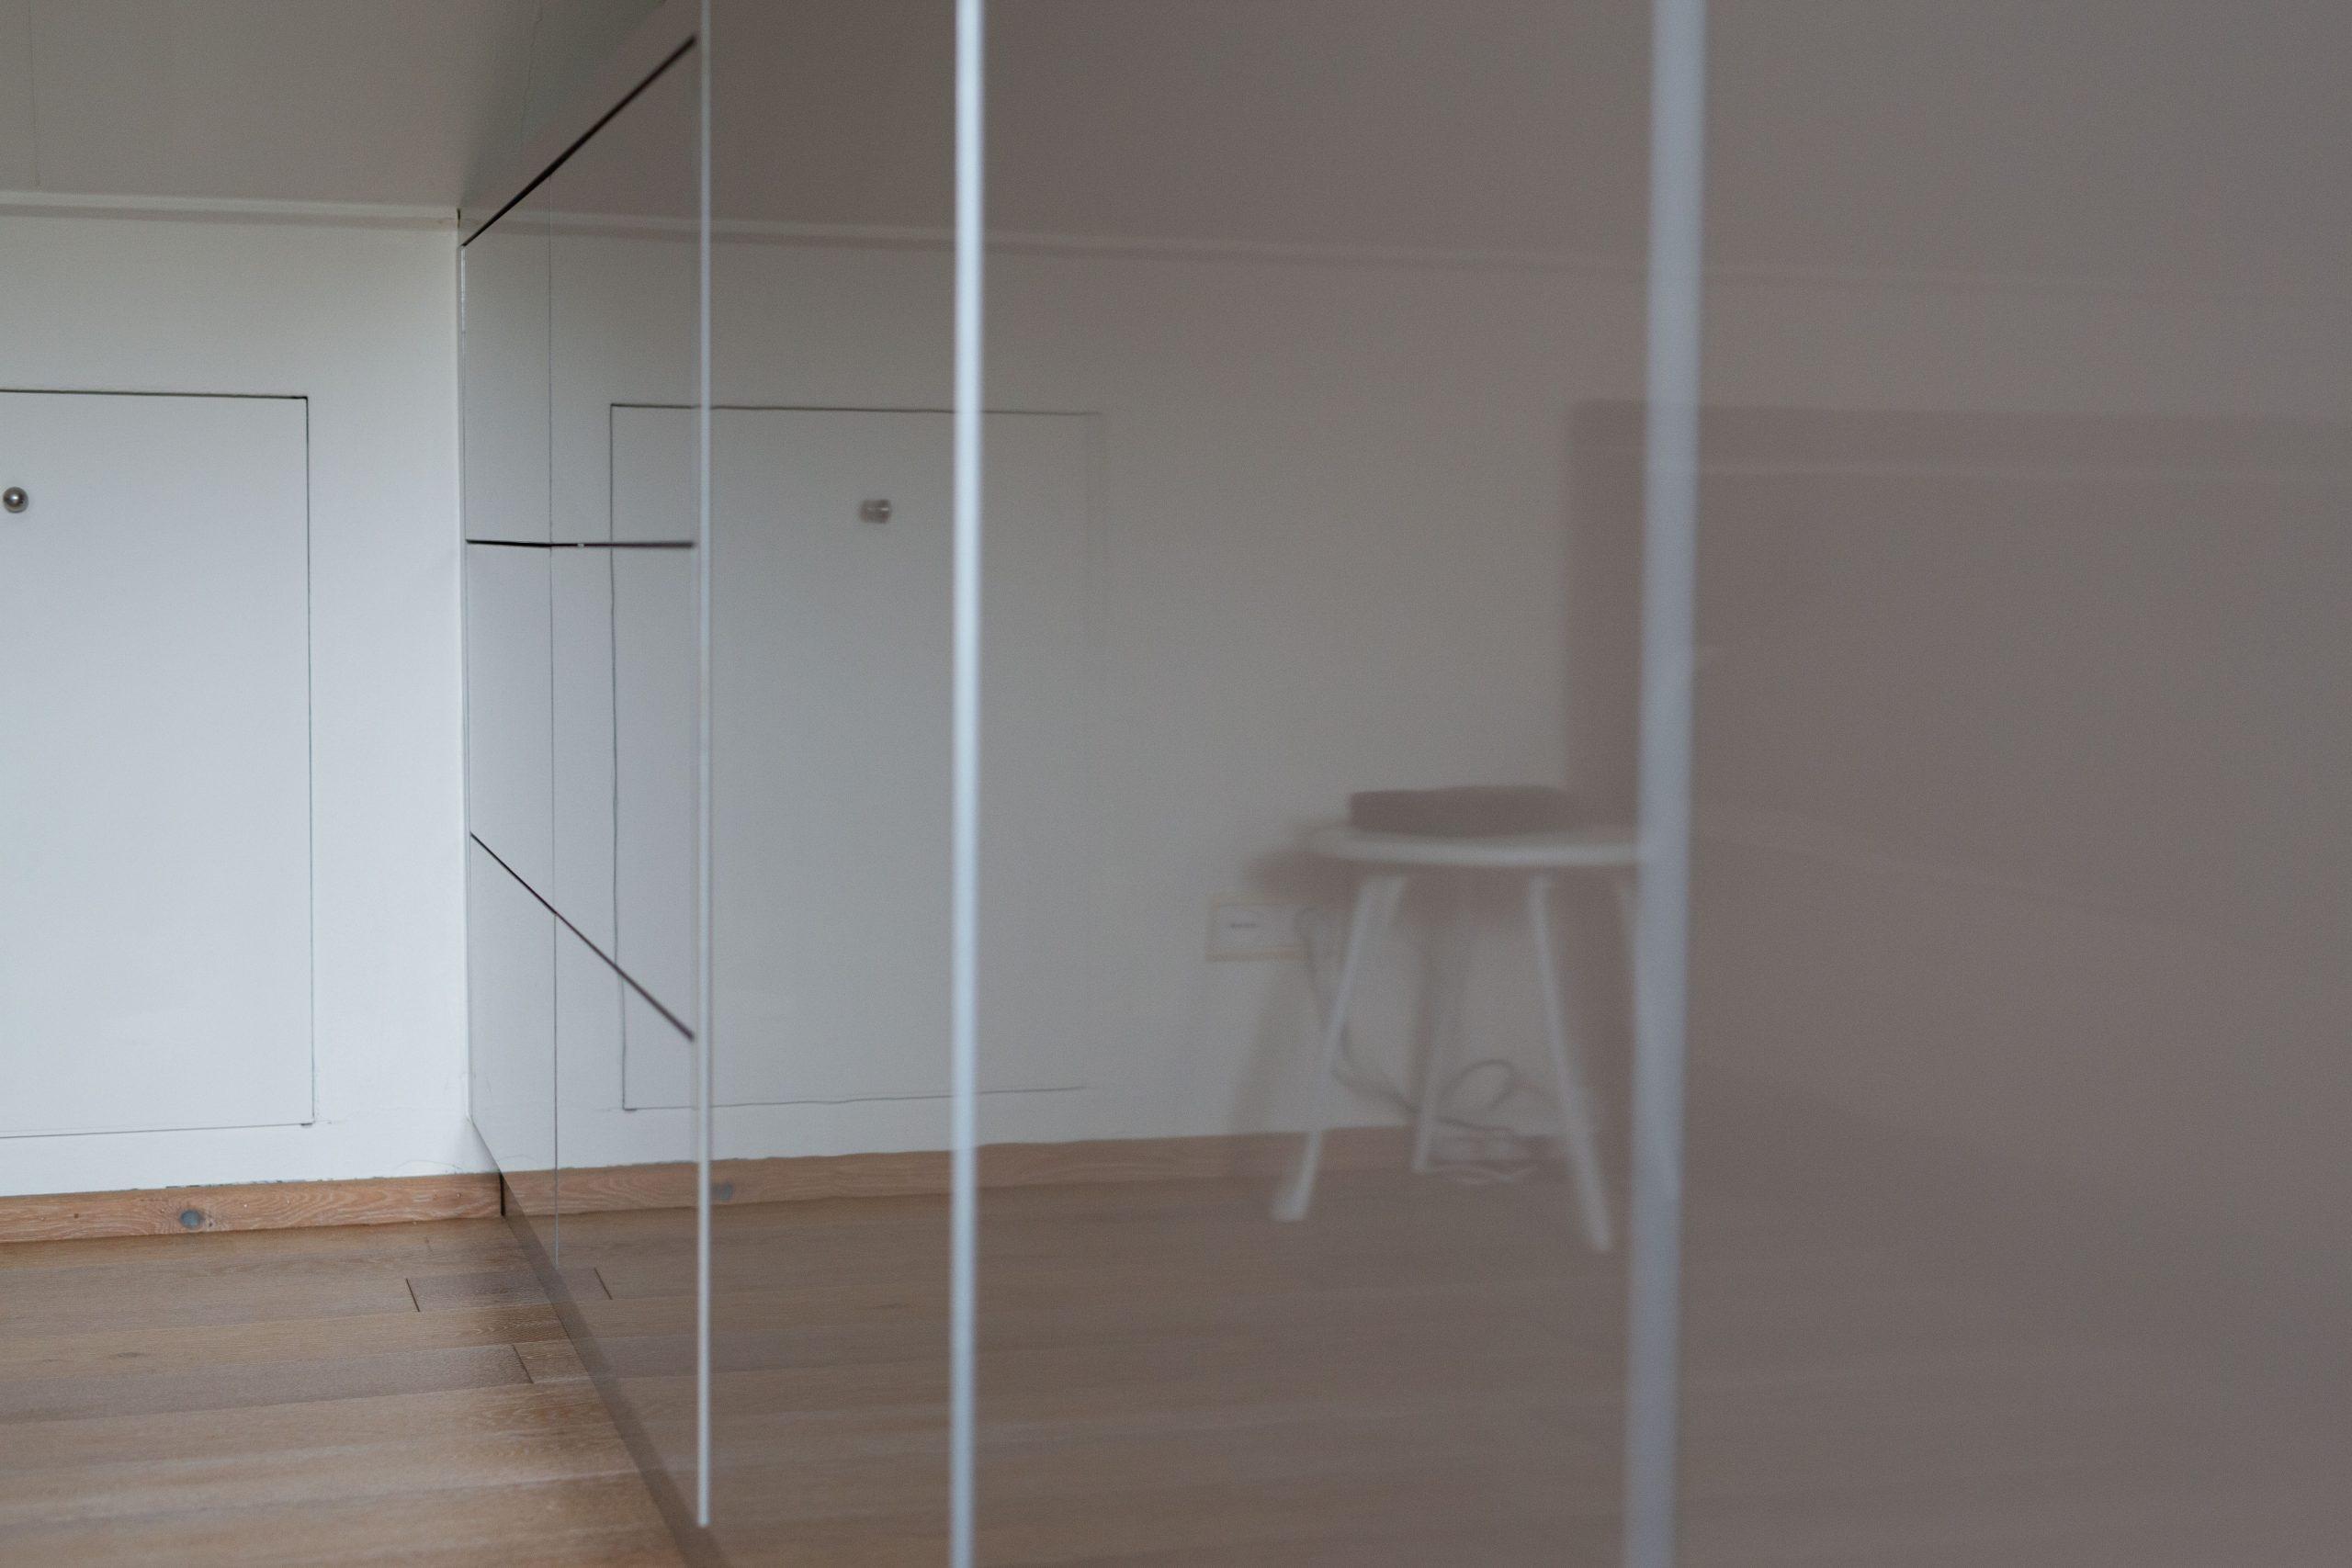 Sens Interieurs - kastruimte slaapkamers - galerij2